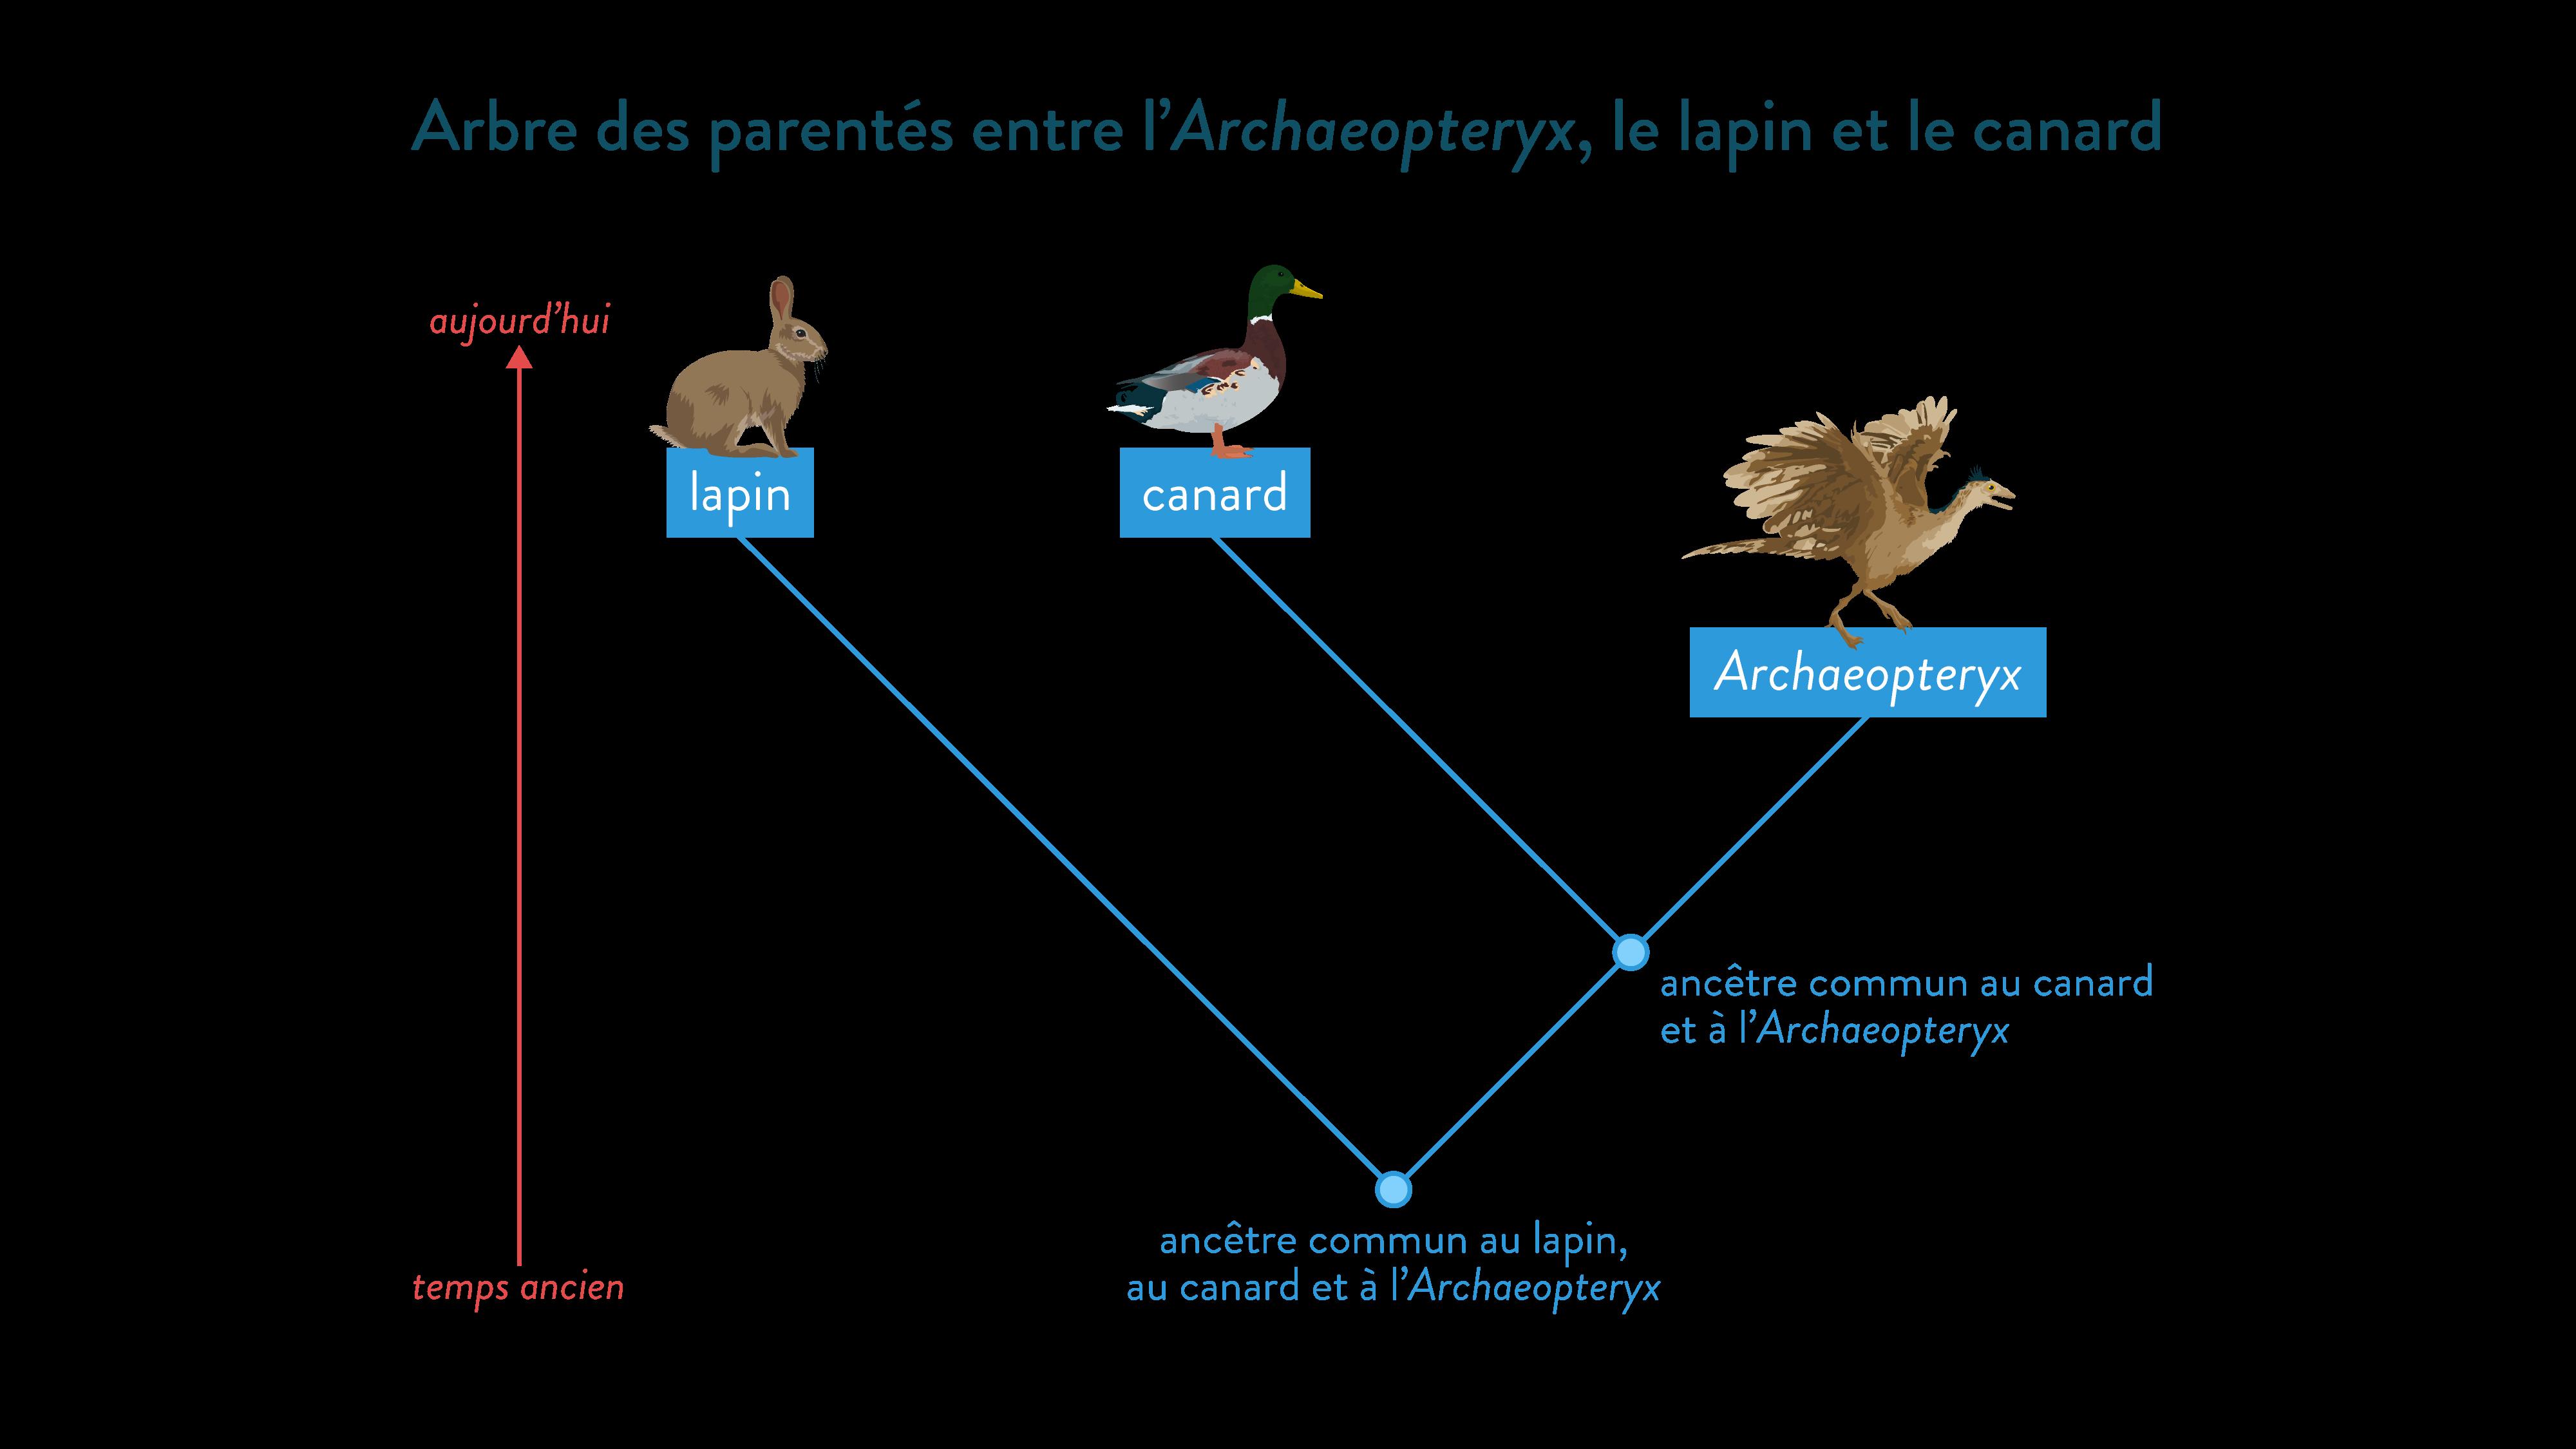 Arbre de parenté de l'Archaeopteryx, du canard et du lapin ancêtre commun-svt-6eme-schoolmouv